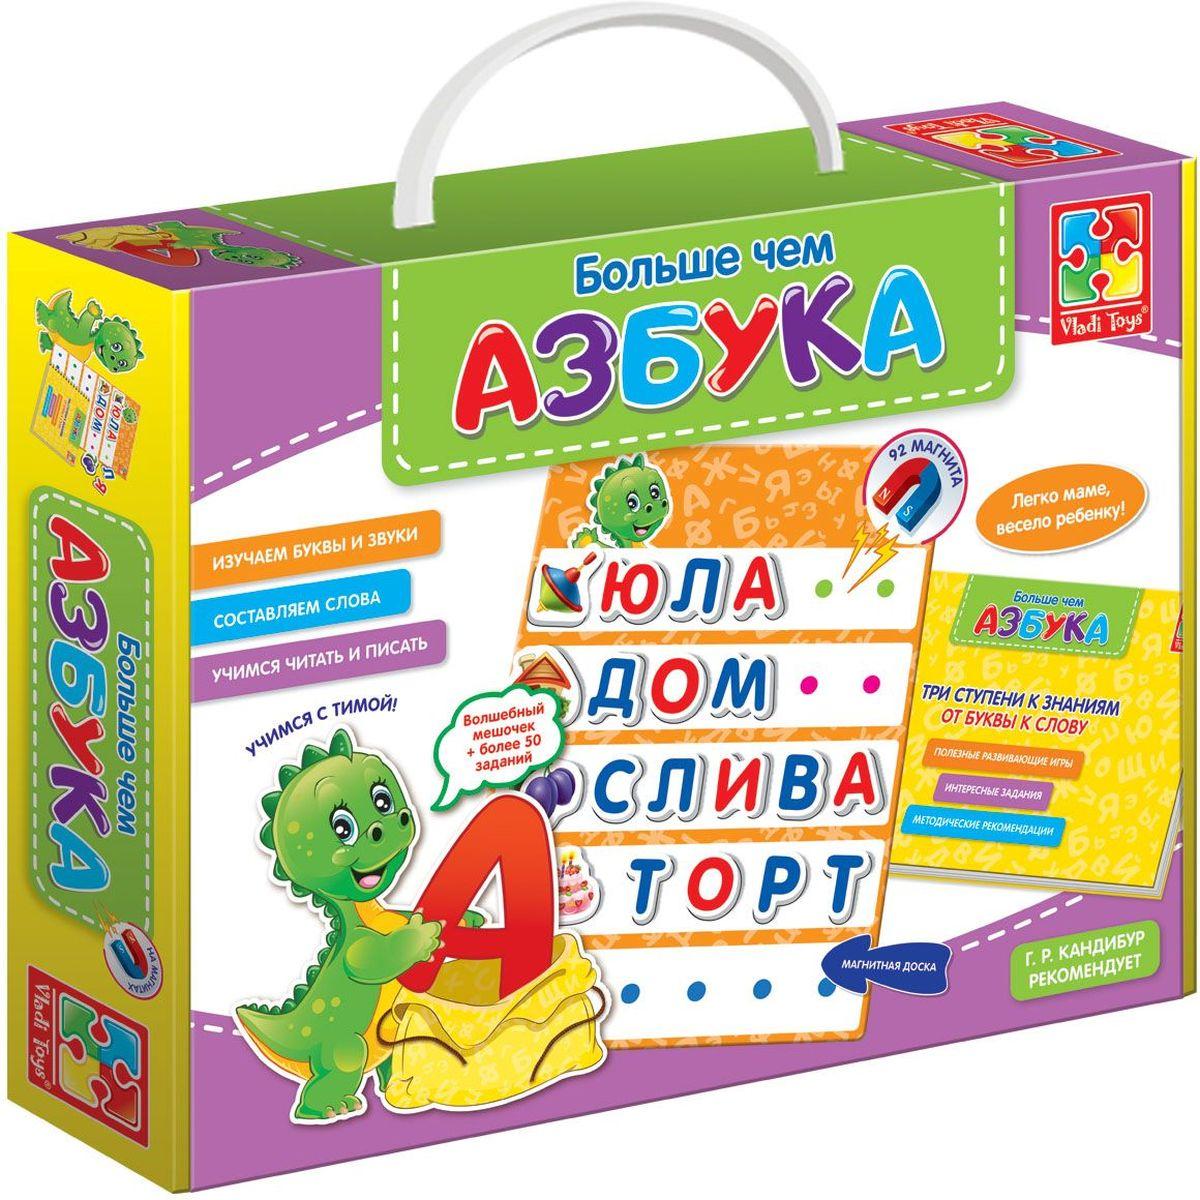 Vladi Toys Обучающая игра Больше чем азбукаVT2801-05Обучающая игра Vladi Toys Больше чем азбука включает 73 магнитные буквы, 19 магнитных картинок, магнитную доску, пособие с заданиями, наклейку-декор и мешочек из ткани. Особенности: главный герой динозаврик Тима, волшебный мешочек, пособие с простыми и понятными заданиями, комплексный подход к обучению.